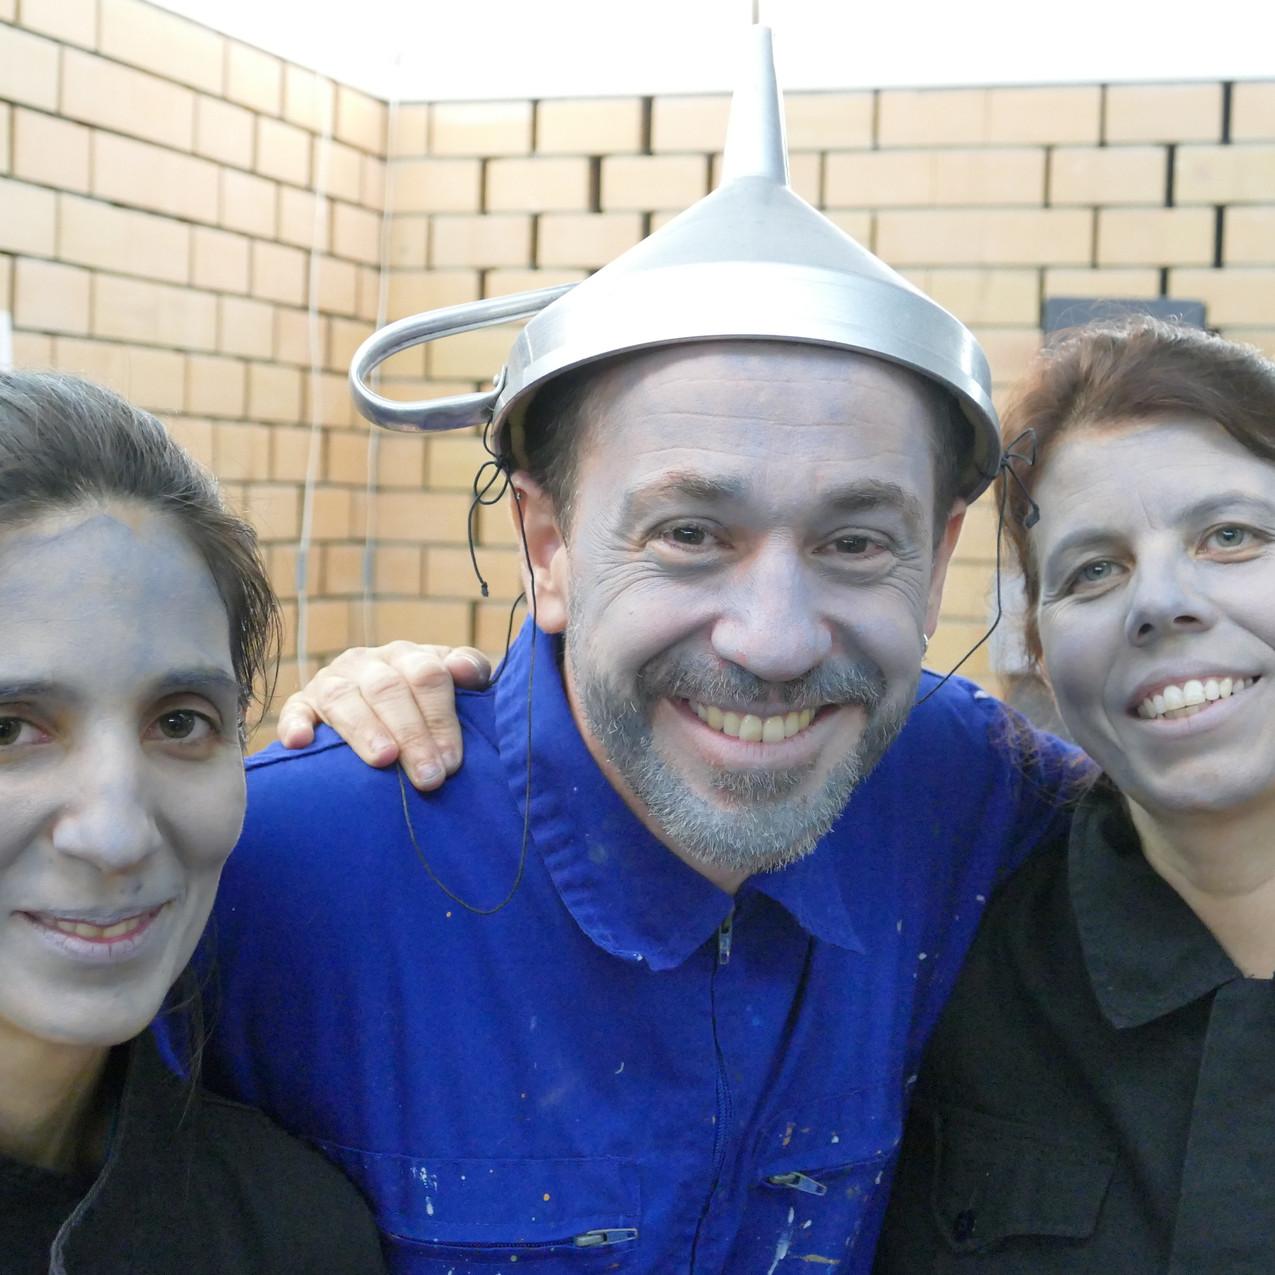 Carolina Gaspar, Luís Santos e Marilyn Brito Teatrinho Musical | A Fábrica